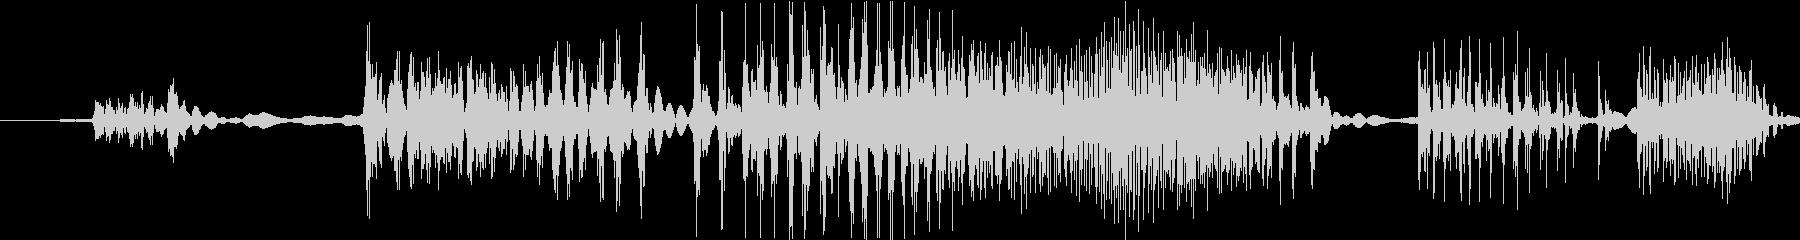 ジジジ(錆びたジッパーをスライドする音)の未再生の波形